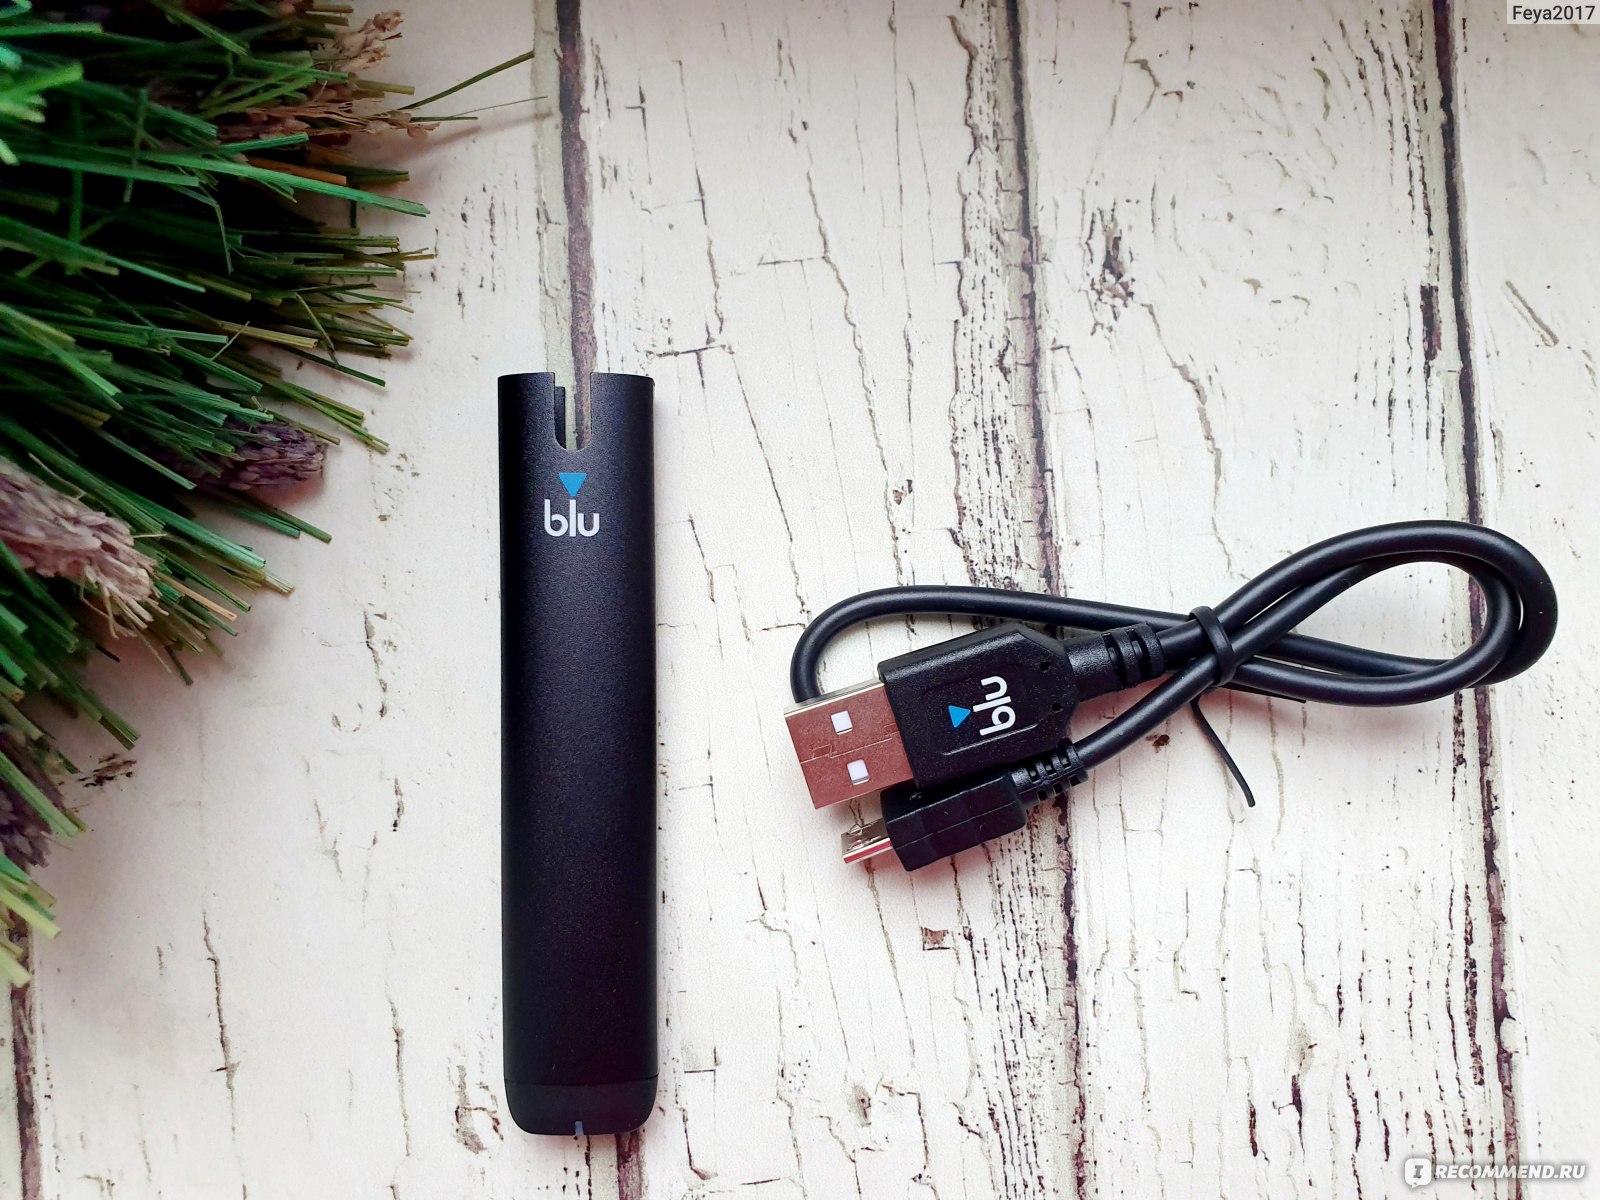 Электронная сигарета лоджик капсулы где купить купить электронную сигарету в китай